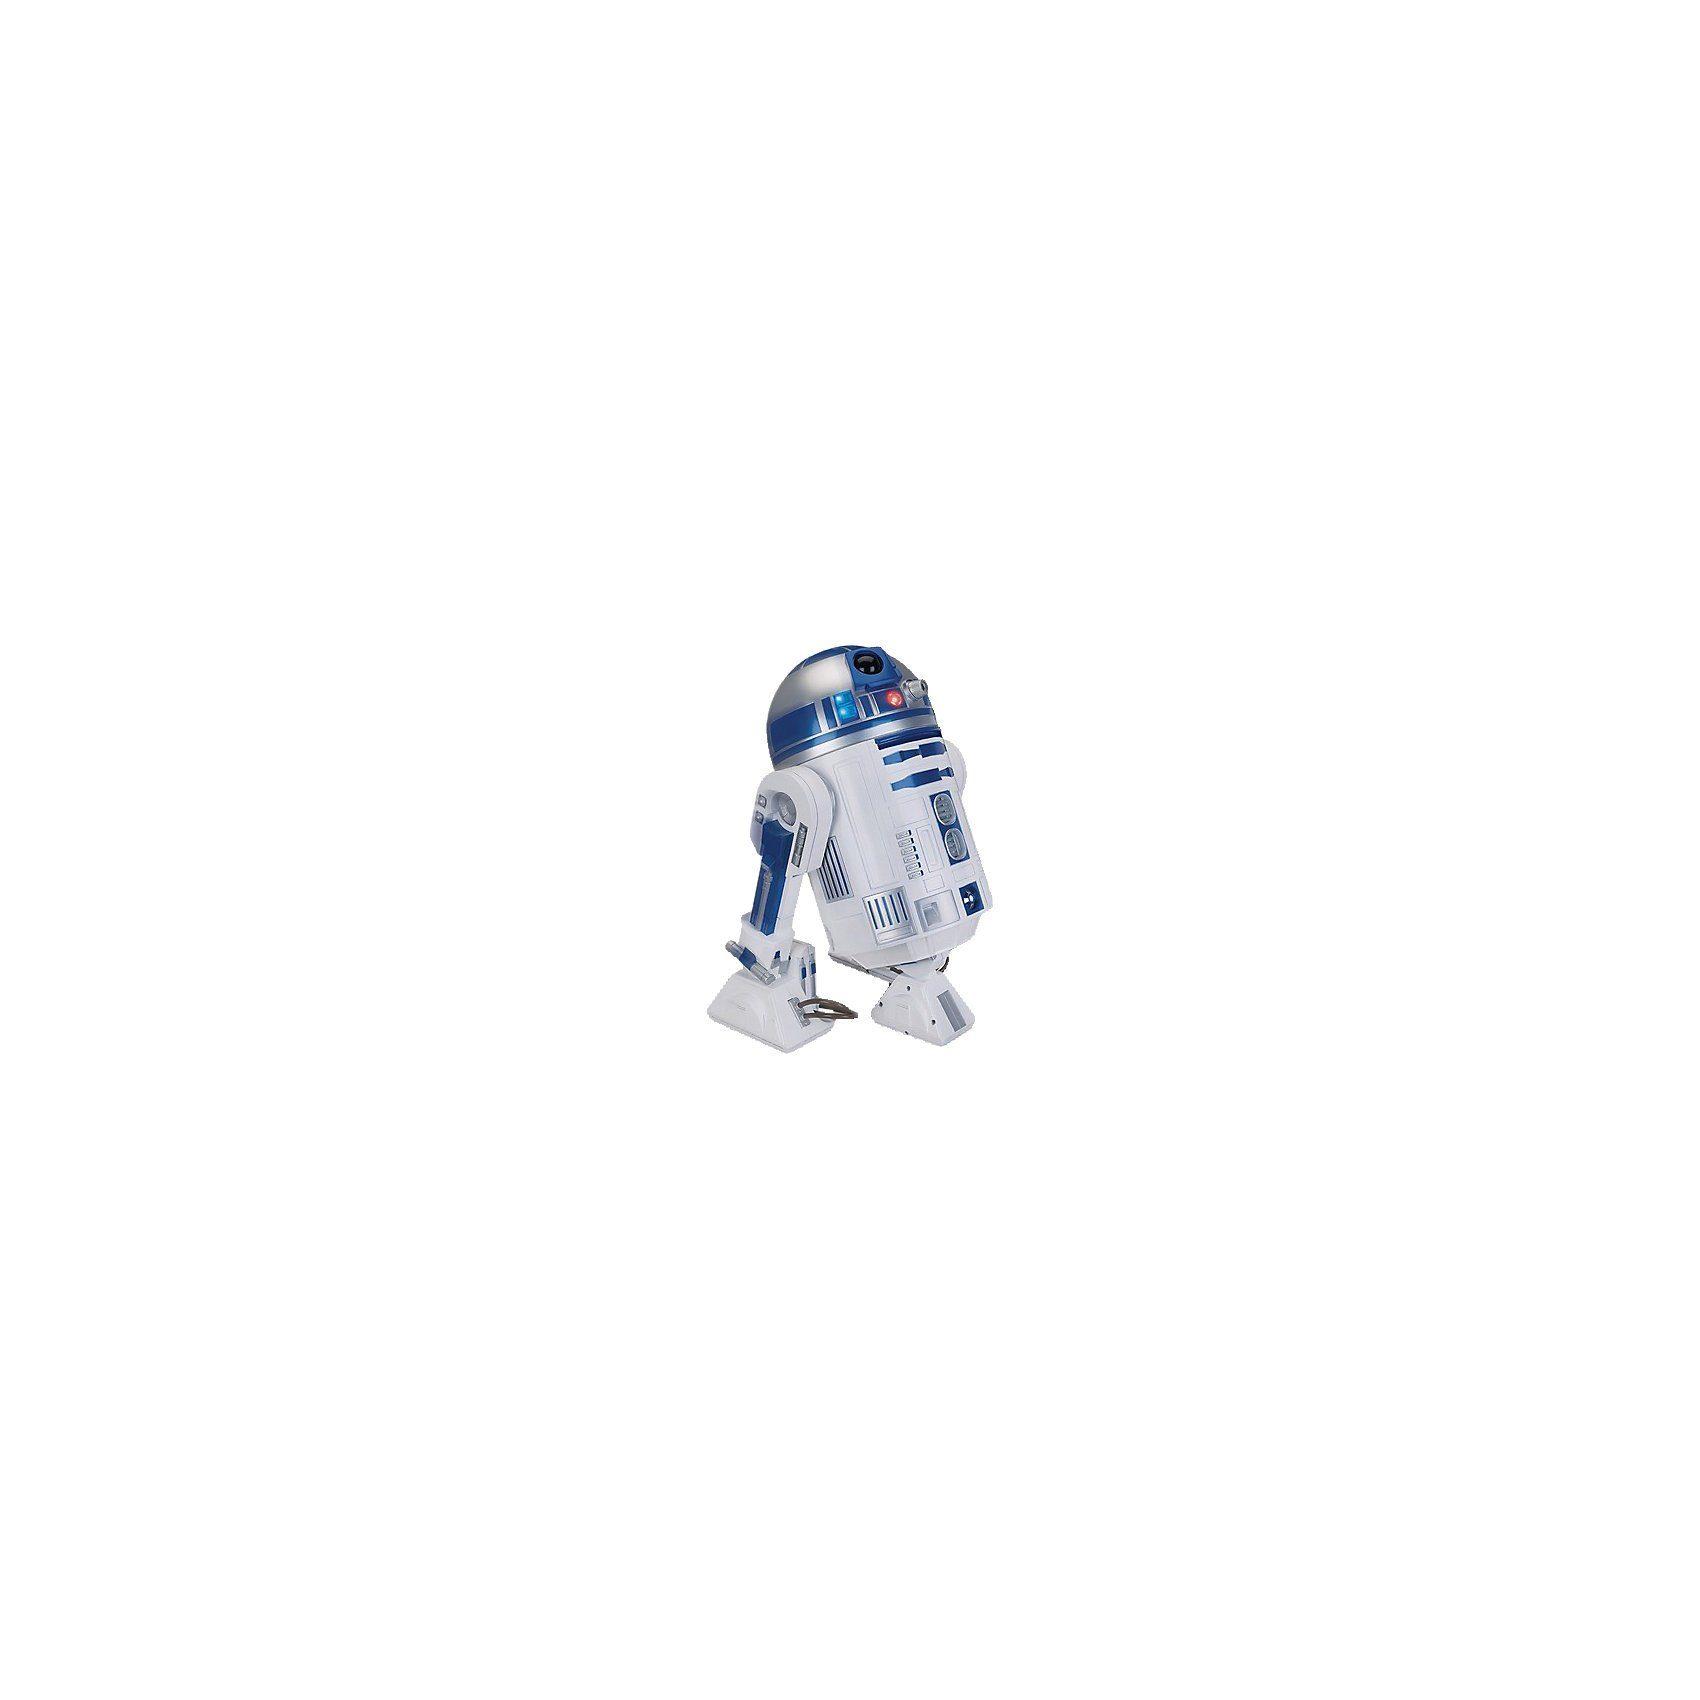 MTW ferngesteuerter Interaktiver Droide R2-D2 45cm